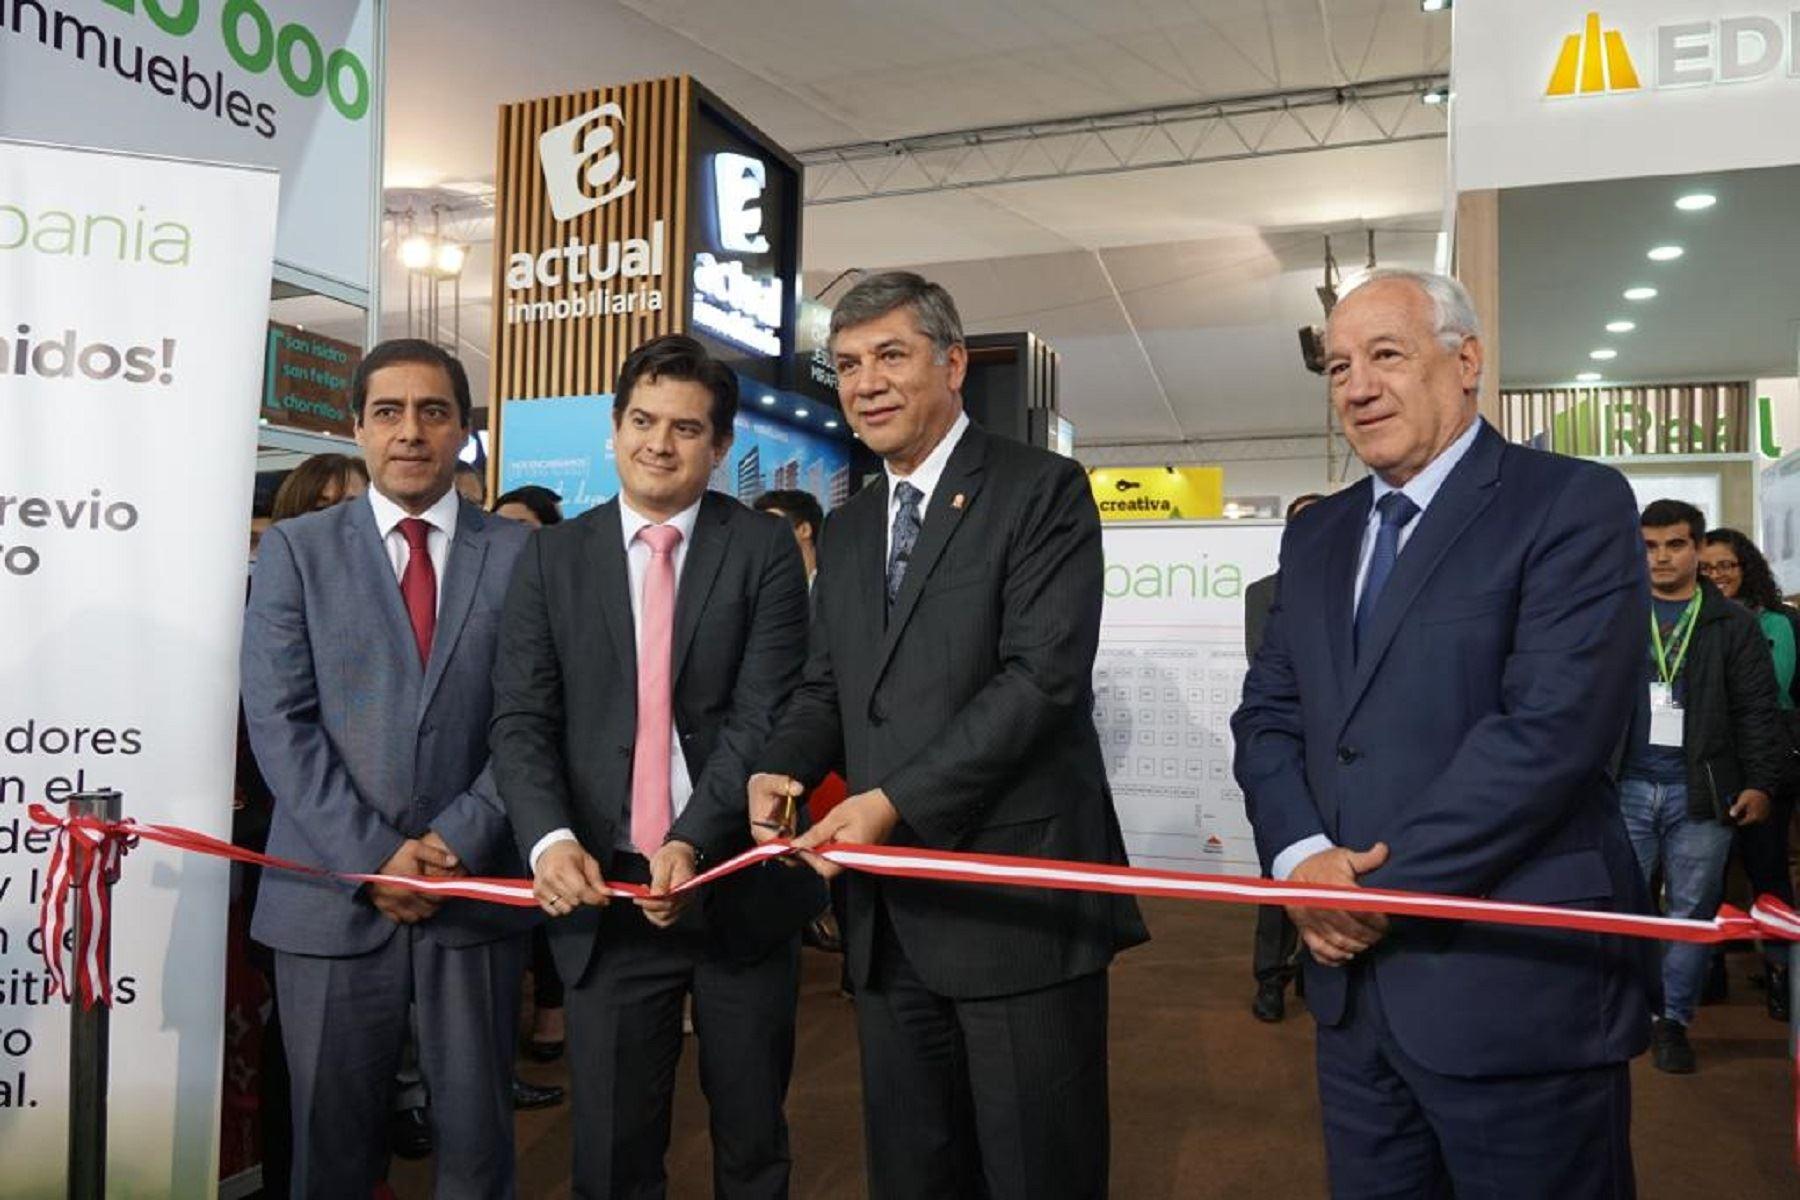 Ministro de Vivienda inauguró la ExpoUrbania que cuenta con una oferta de 20 mil inmuebles Foto: Difusión